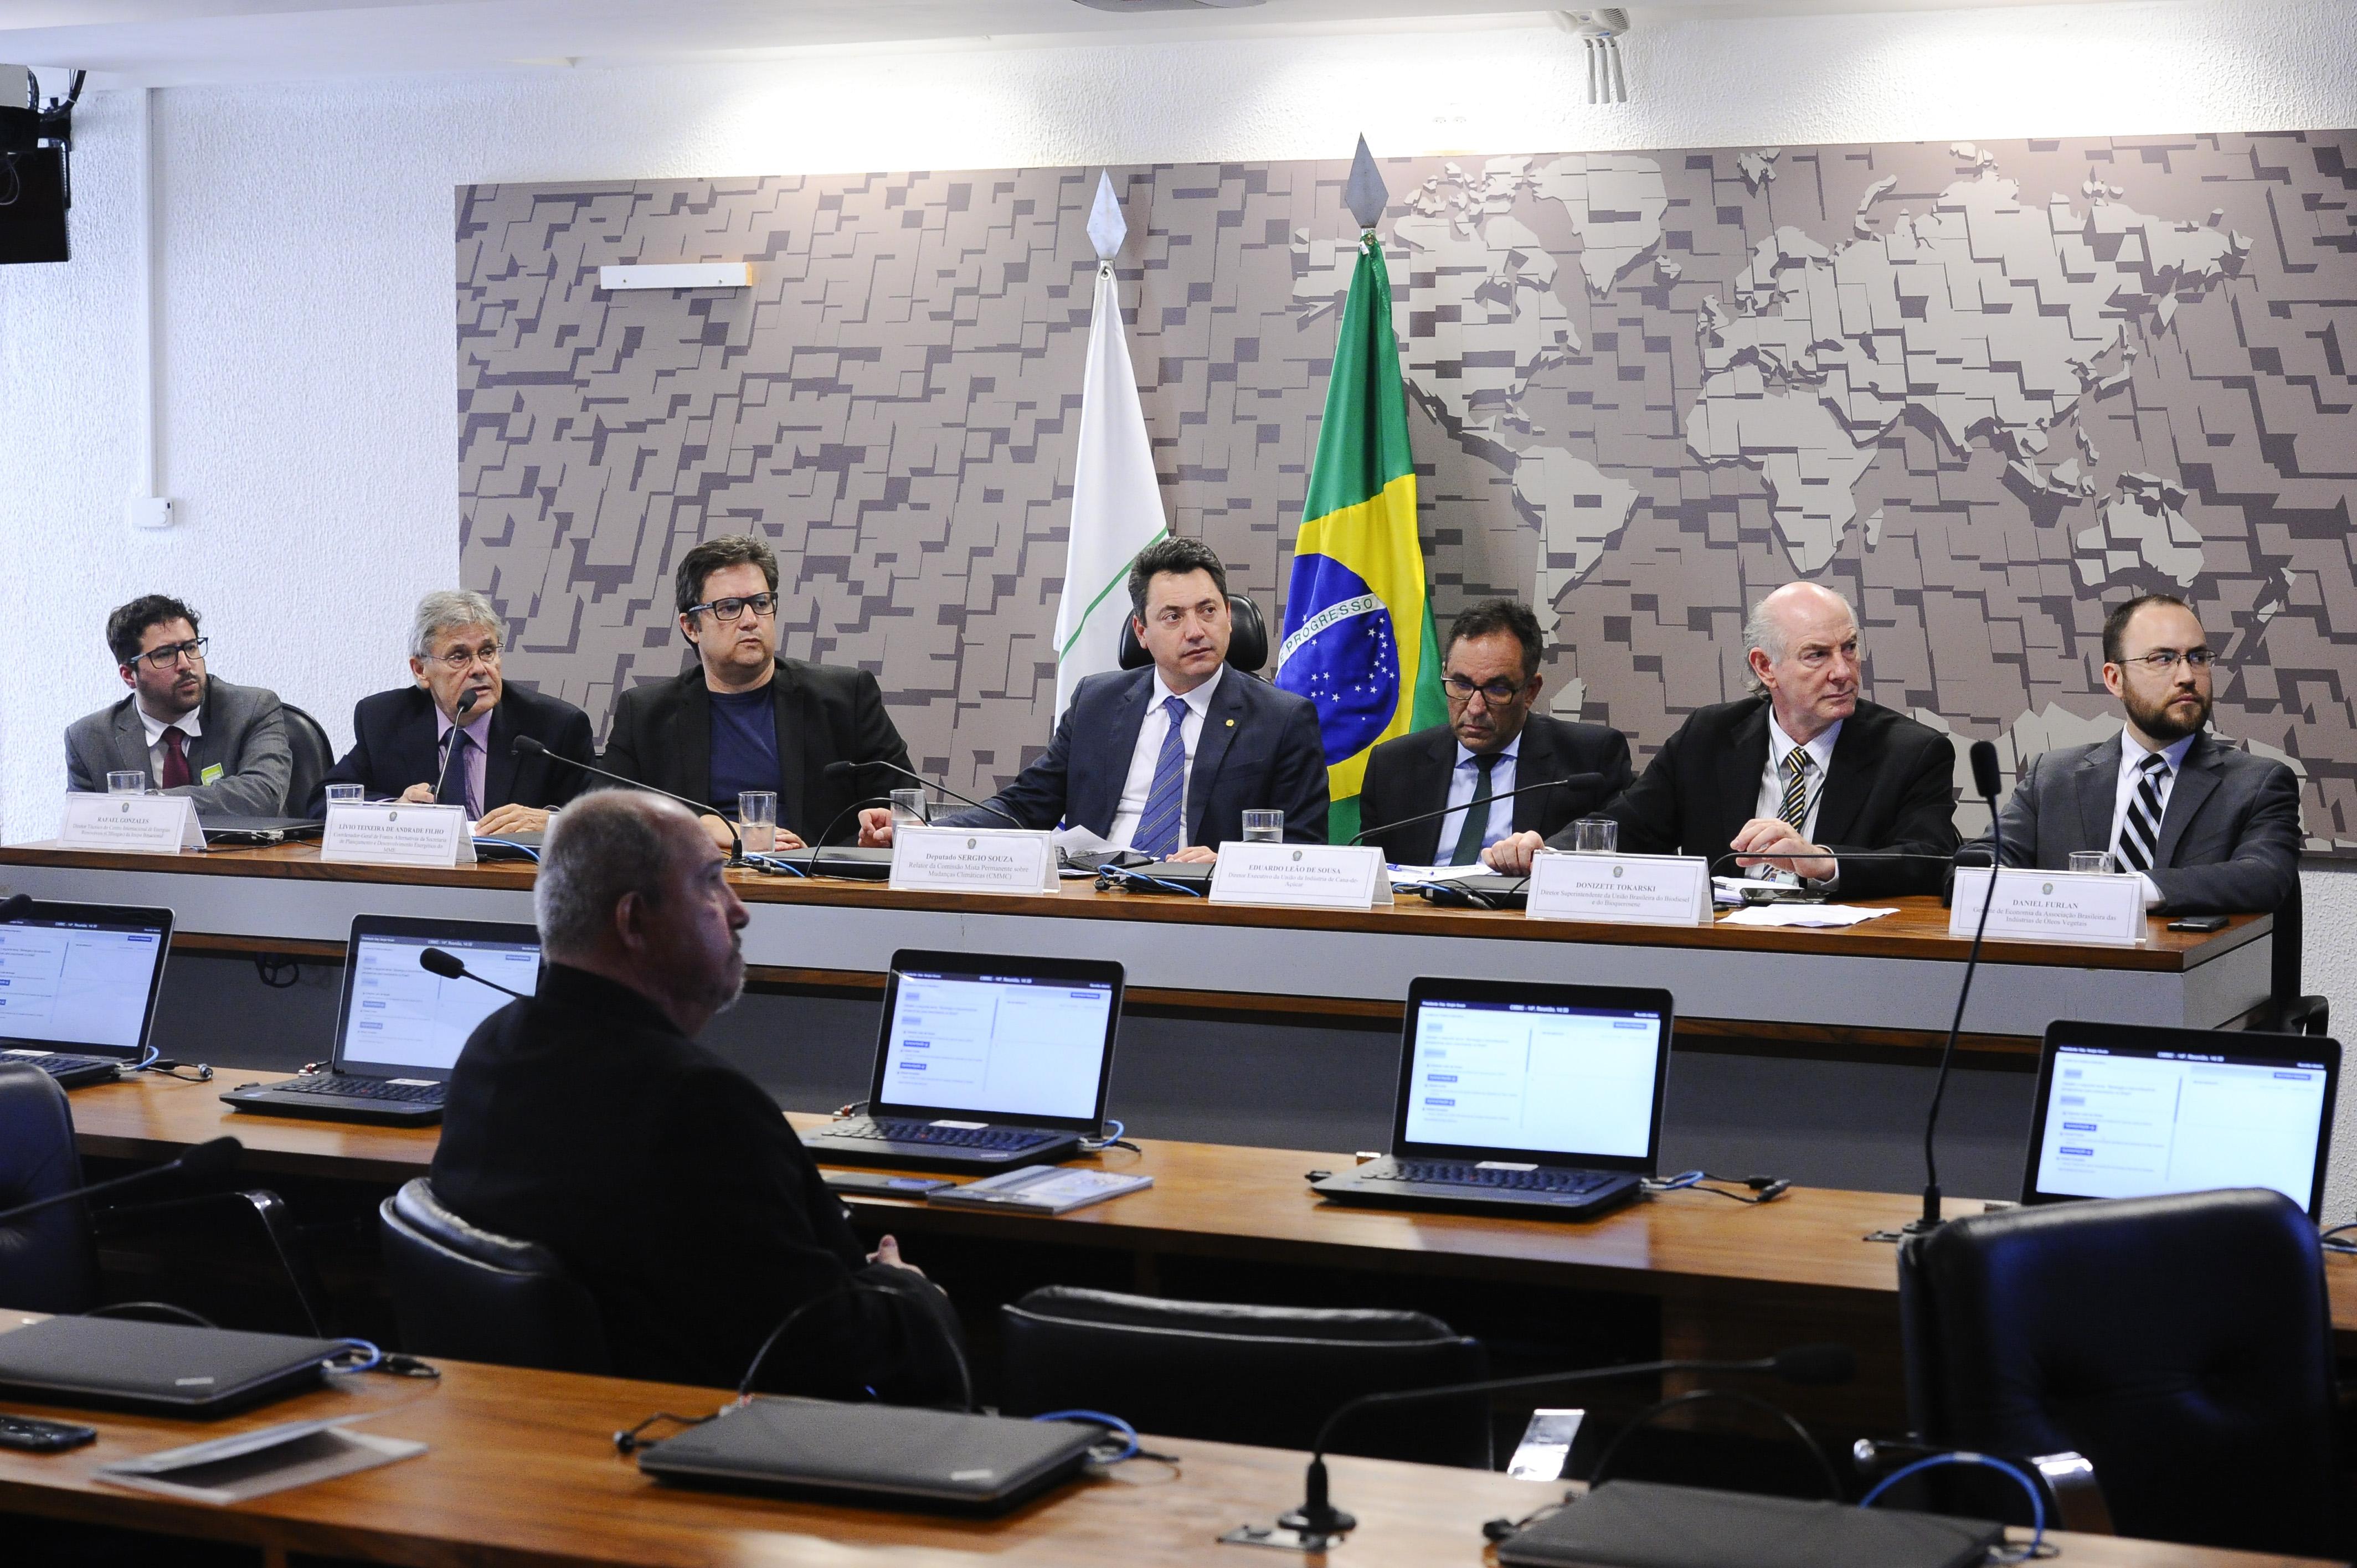 Comissão Mista de Mudanças Climáticas